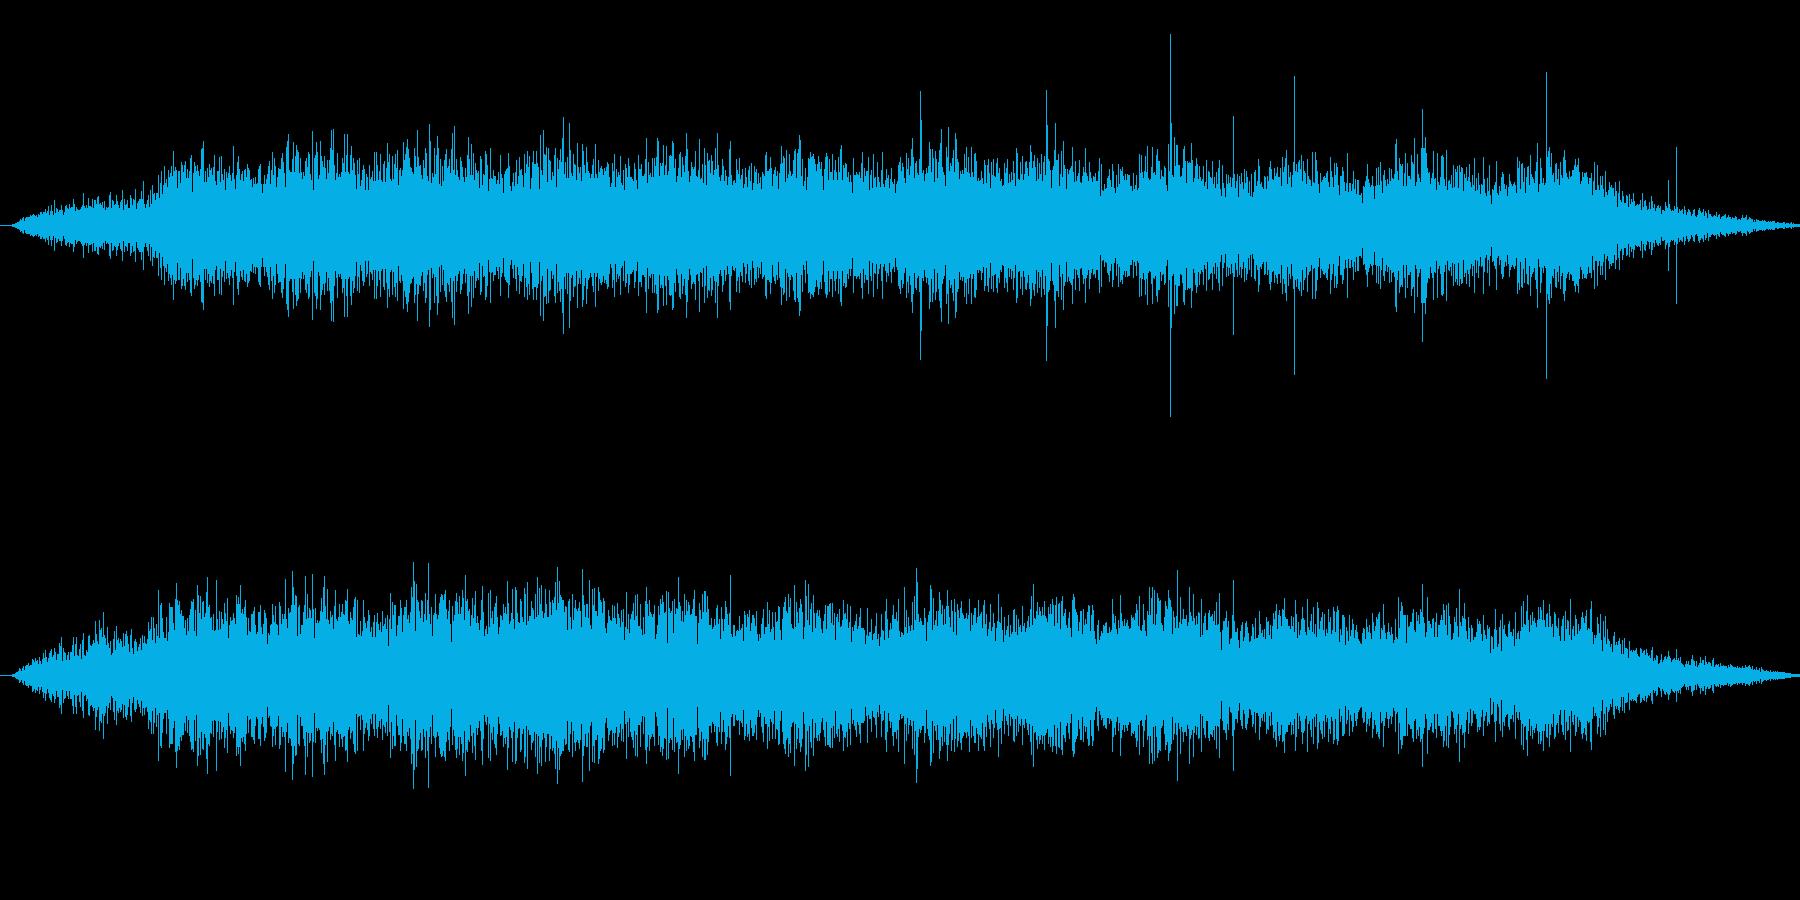 オイ!オイ!歓声(ライブ,コンサート等)の再生済みの波形